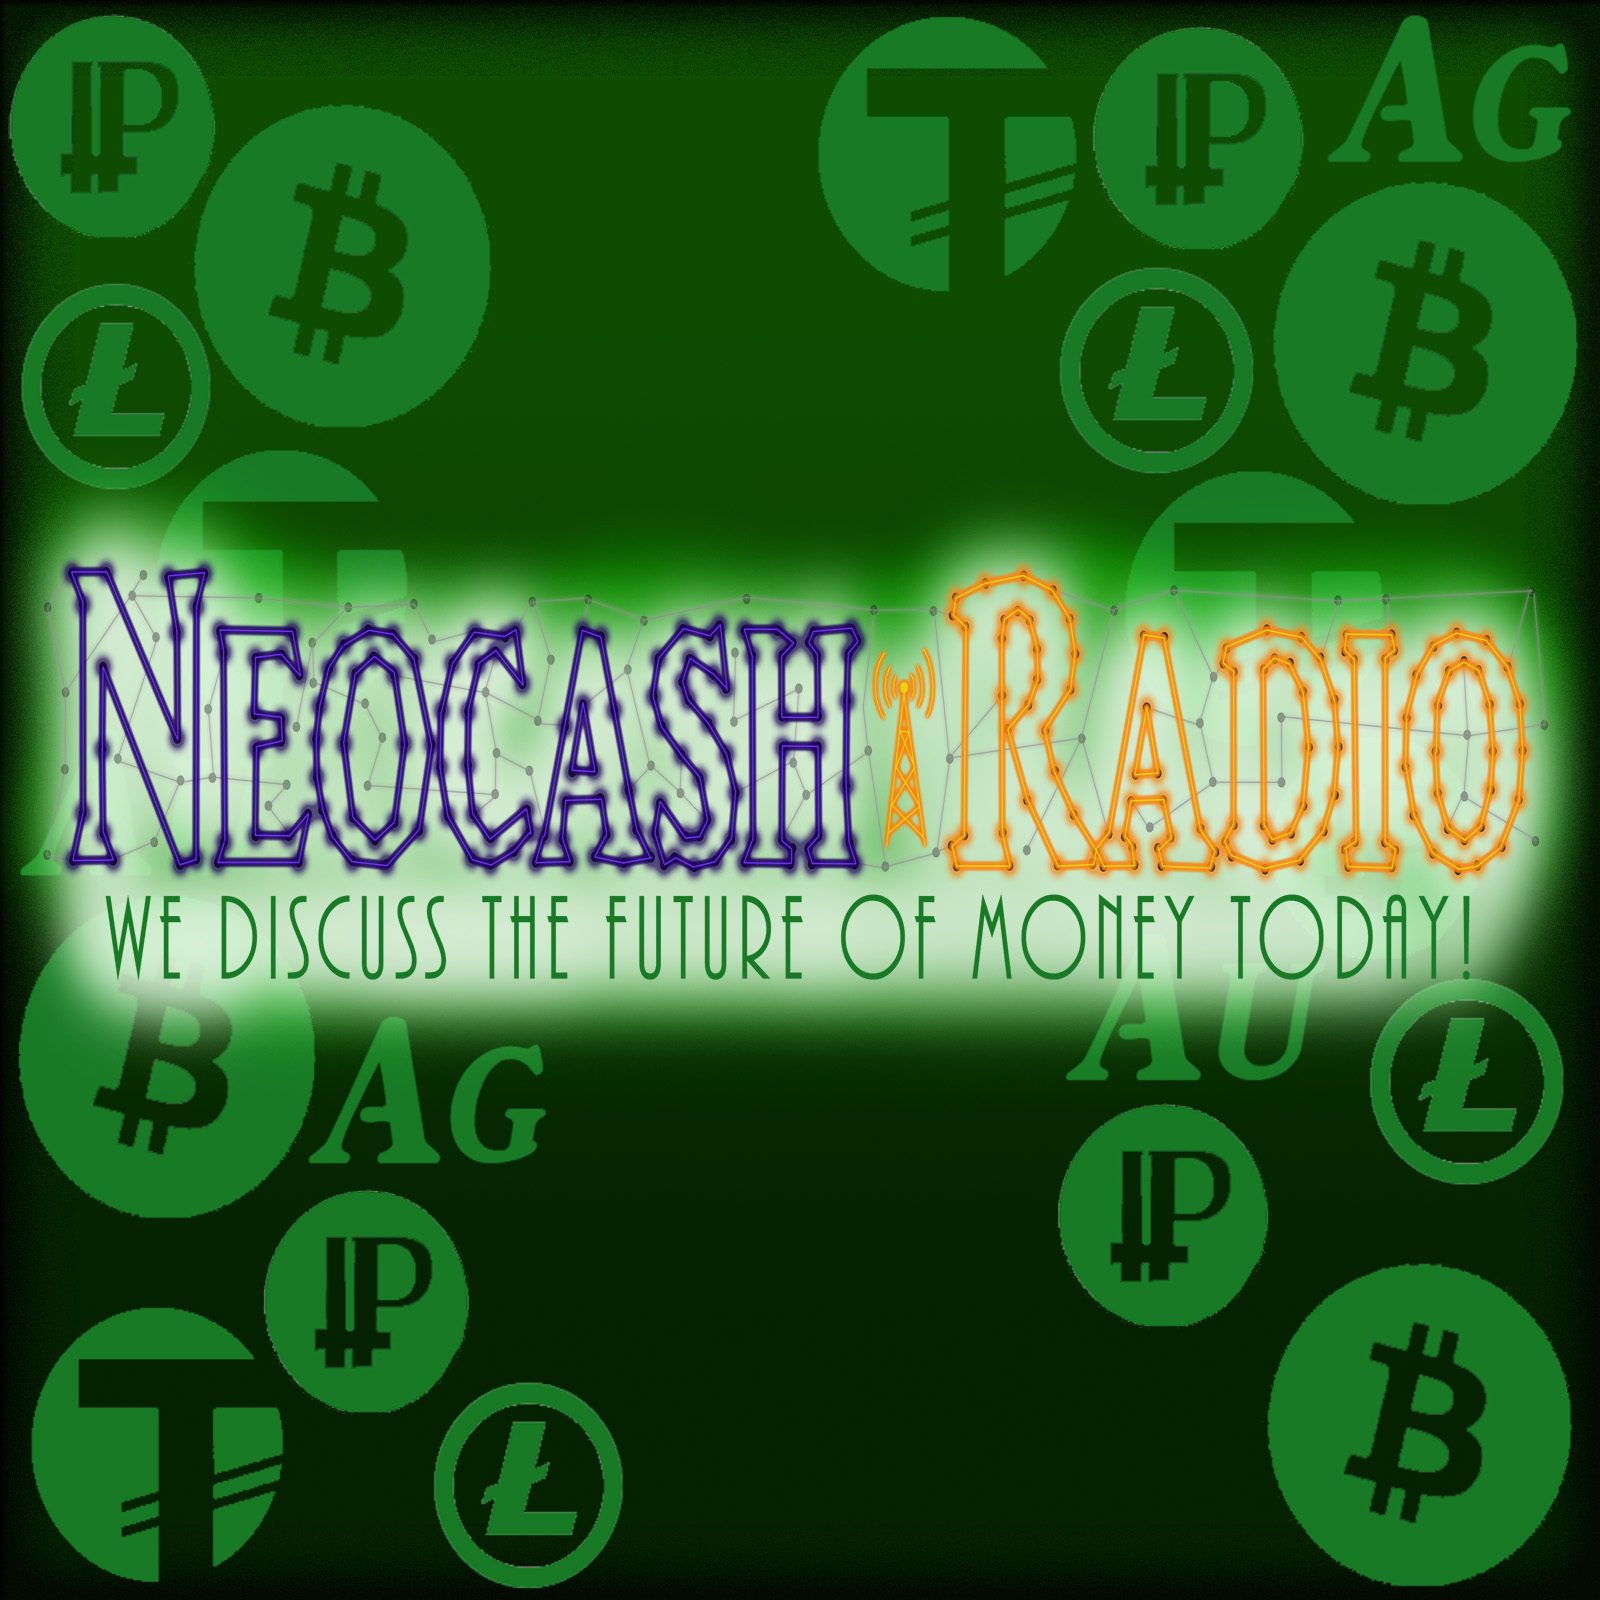 Neocash Radio - Episode 148